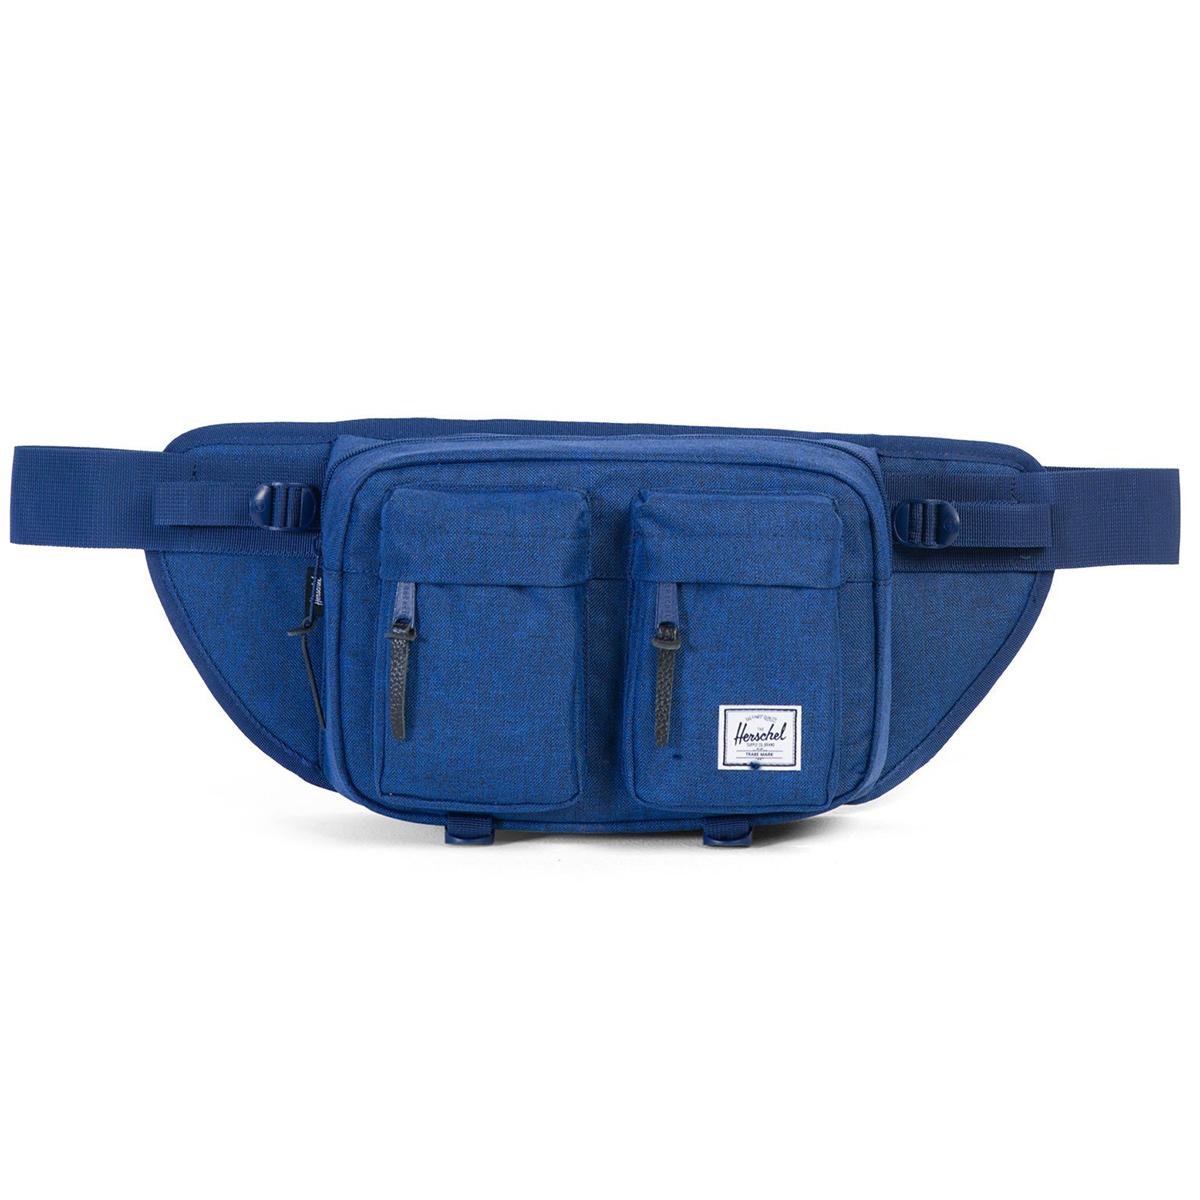 Сумка на пояс Herschel Eighteen (A/S), цвет: темно-синий. 828432124251828432124251Вместительная поясная сумка Herschel Eighteen с двумя внешними карманами. Эта модель отличается своим объемом, за счет которого вы всегда сможете взять собой чуть больше нужных вещей. Удобный поясной ремень позволяет носить сумку также через плечо, что несомненно оценят, например, любители велосипедных прогулок.